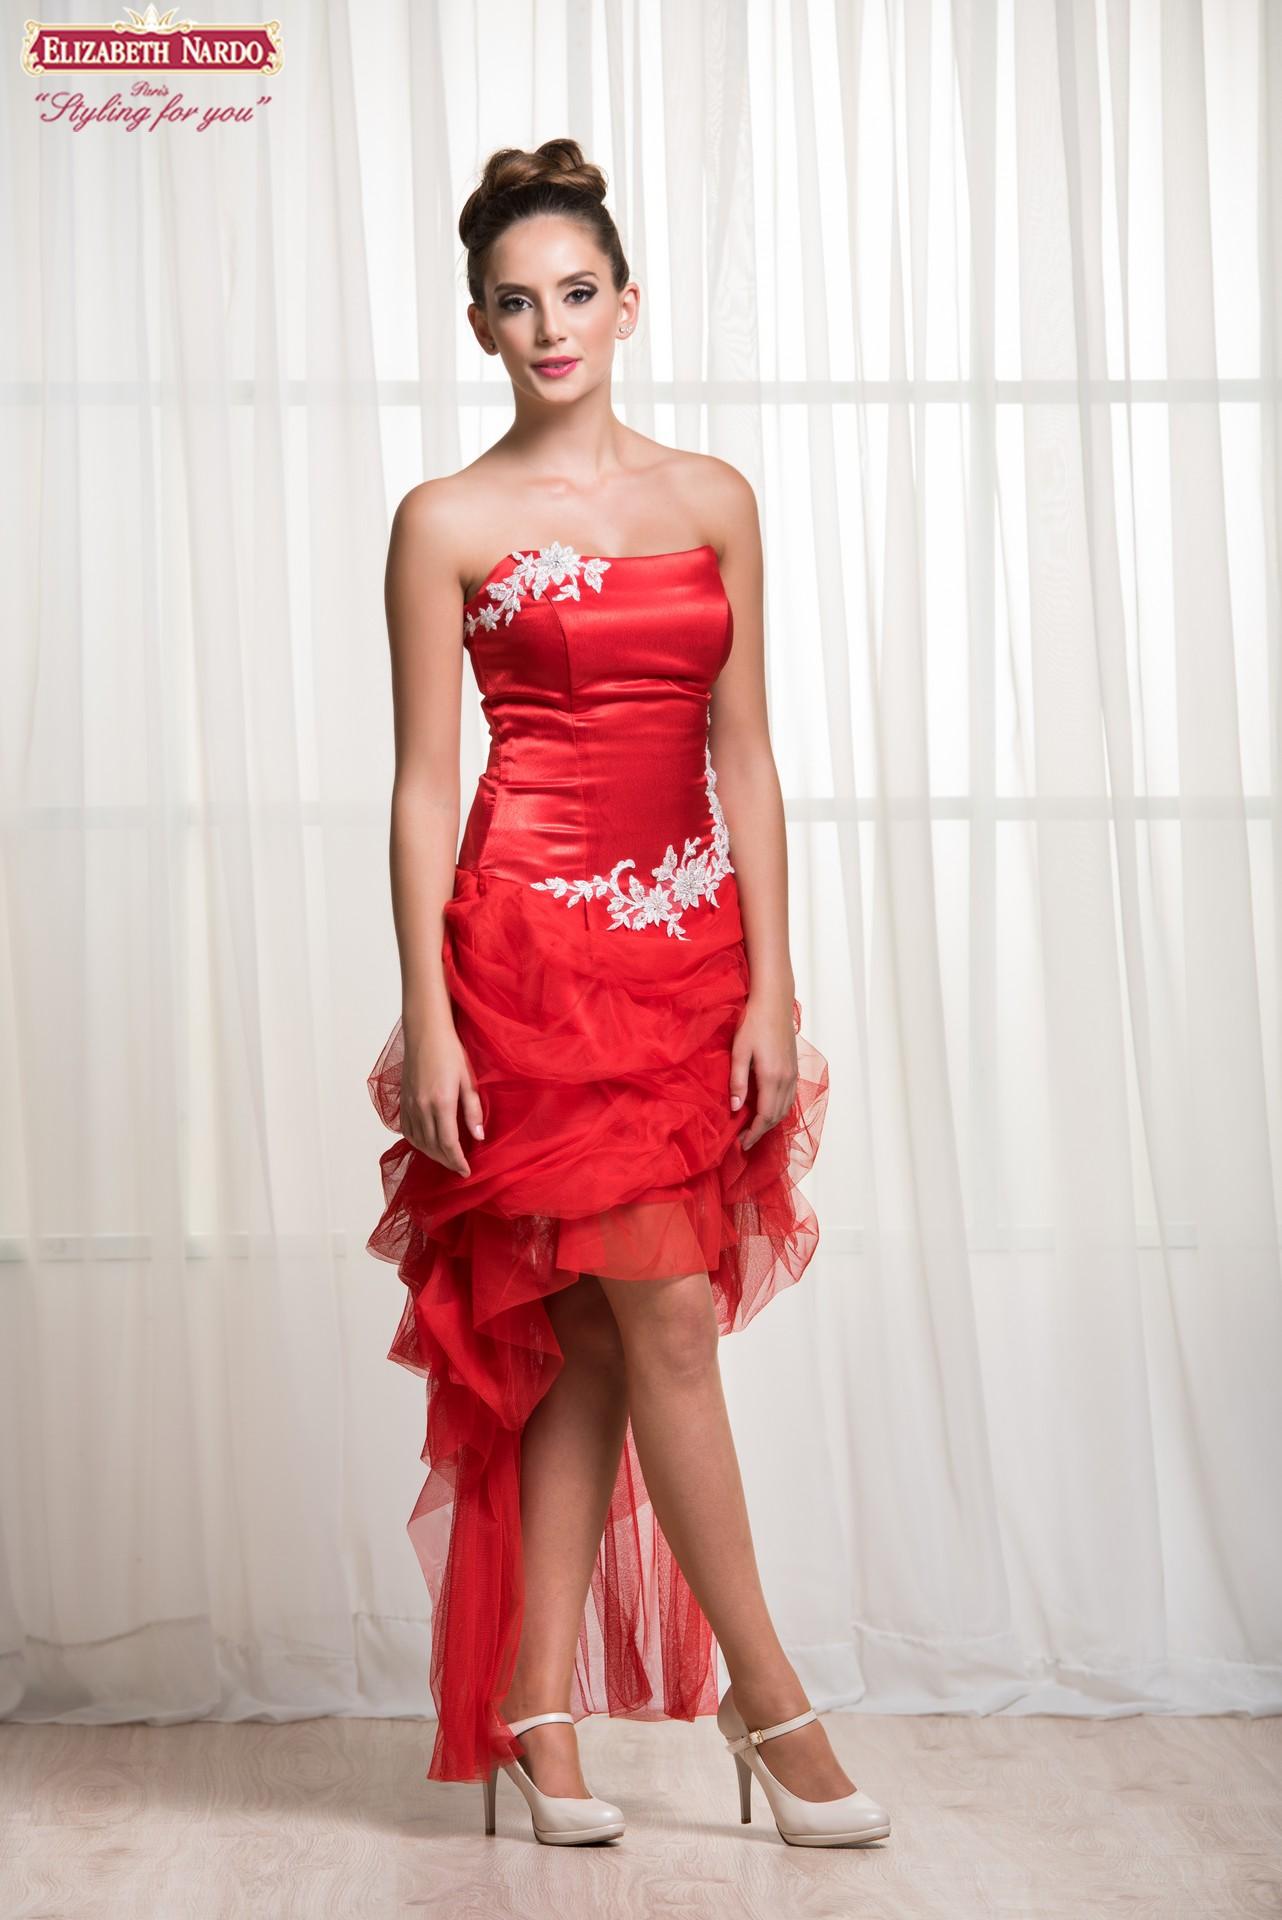 ae8e106b84 Menyecske ruhák - Menyecske ruha 18-110 hátsó nézet - Menyasszonyi ...